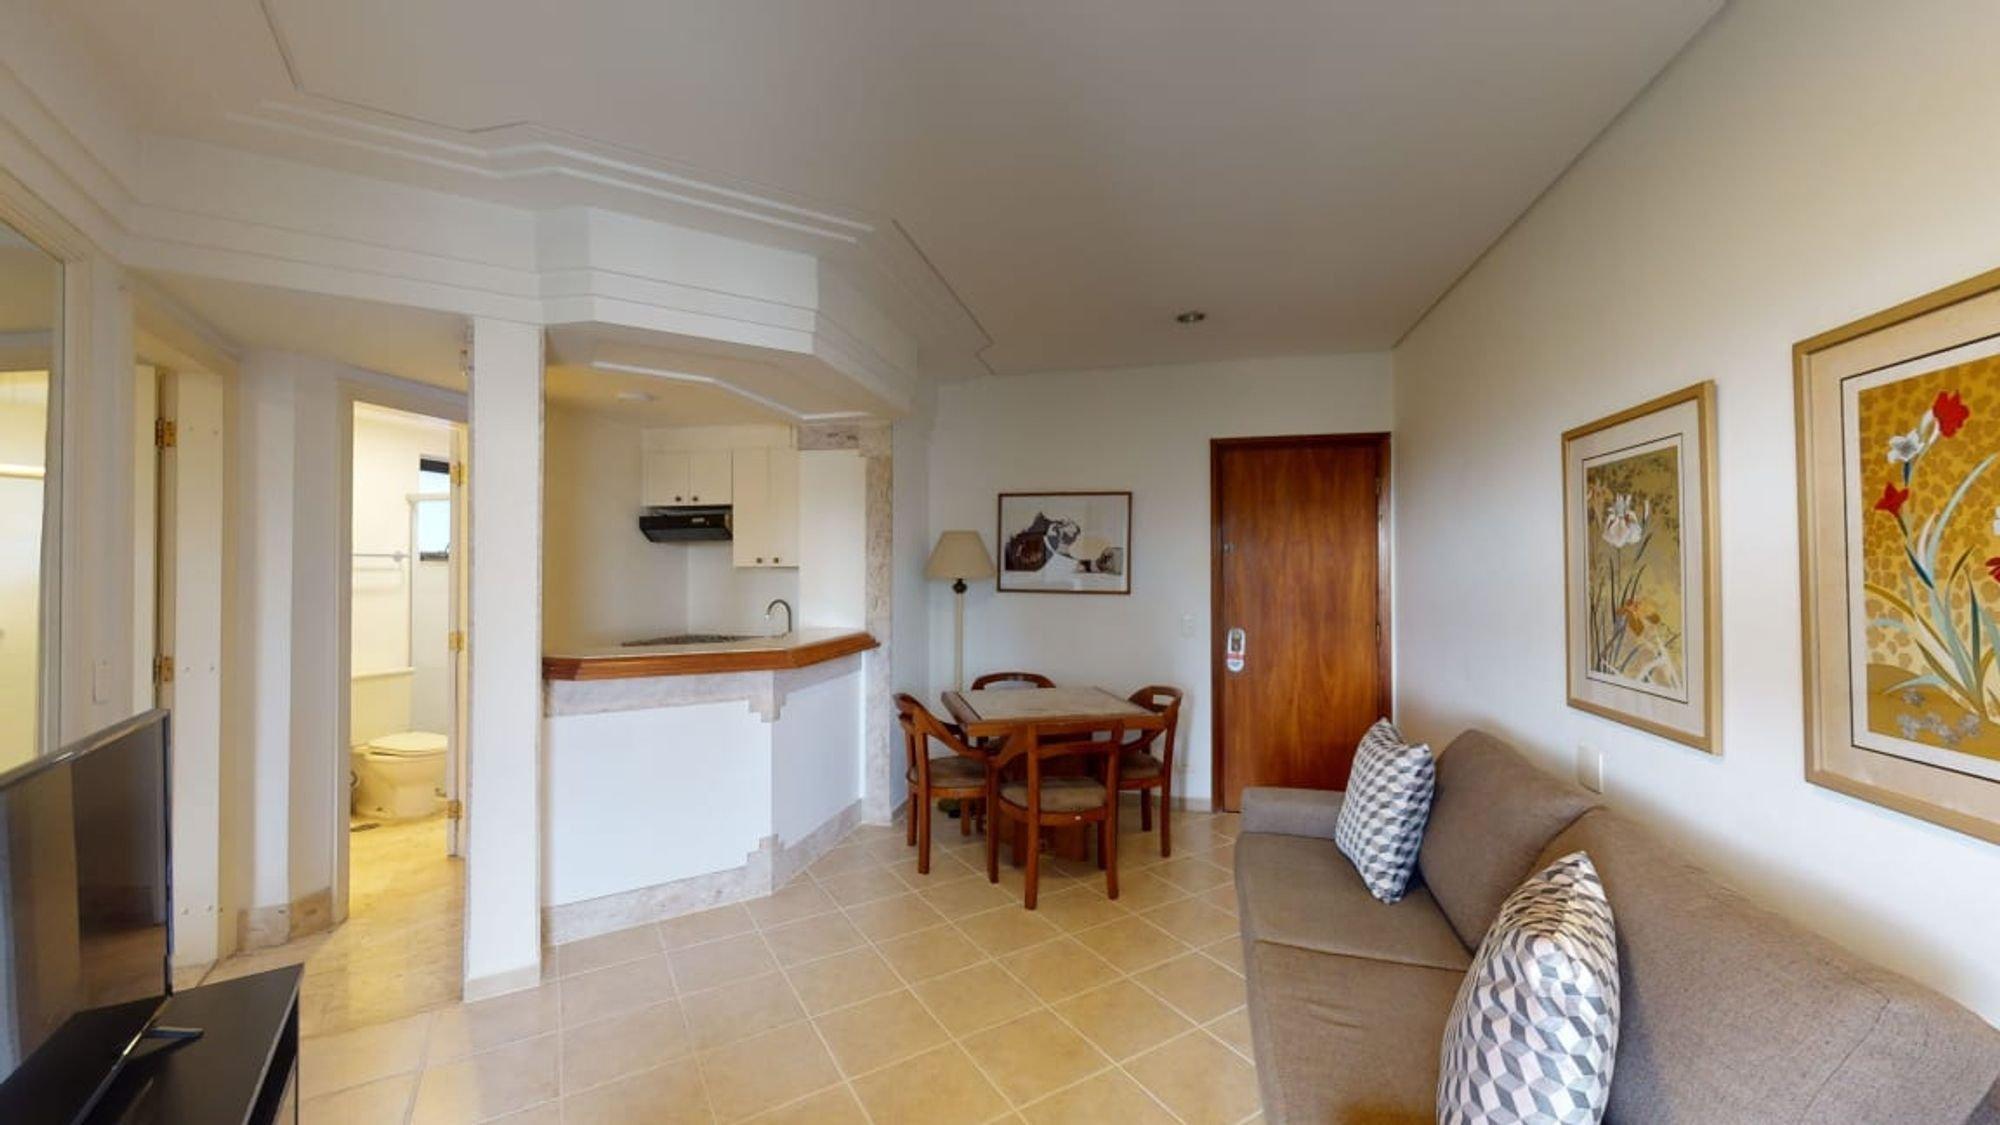 Foto de Sala com sofá, televisão, vaso sanitário, cadeira